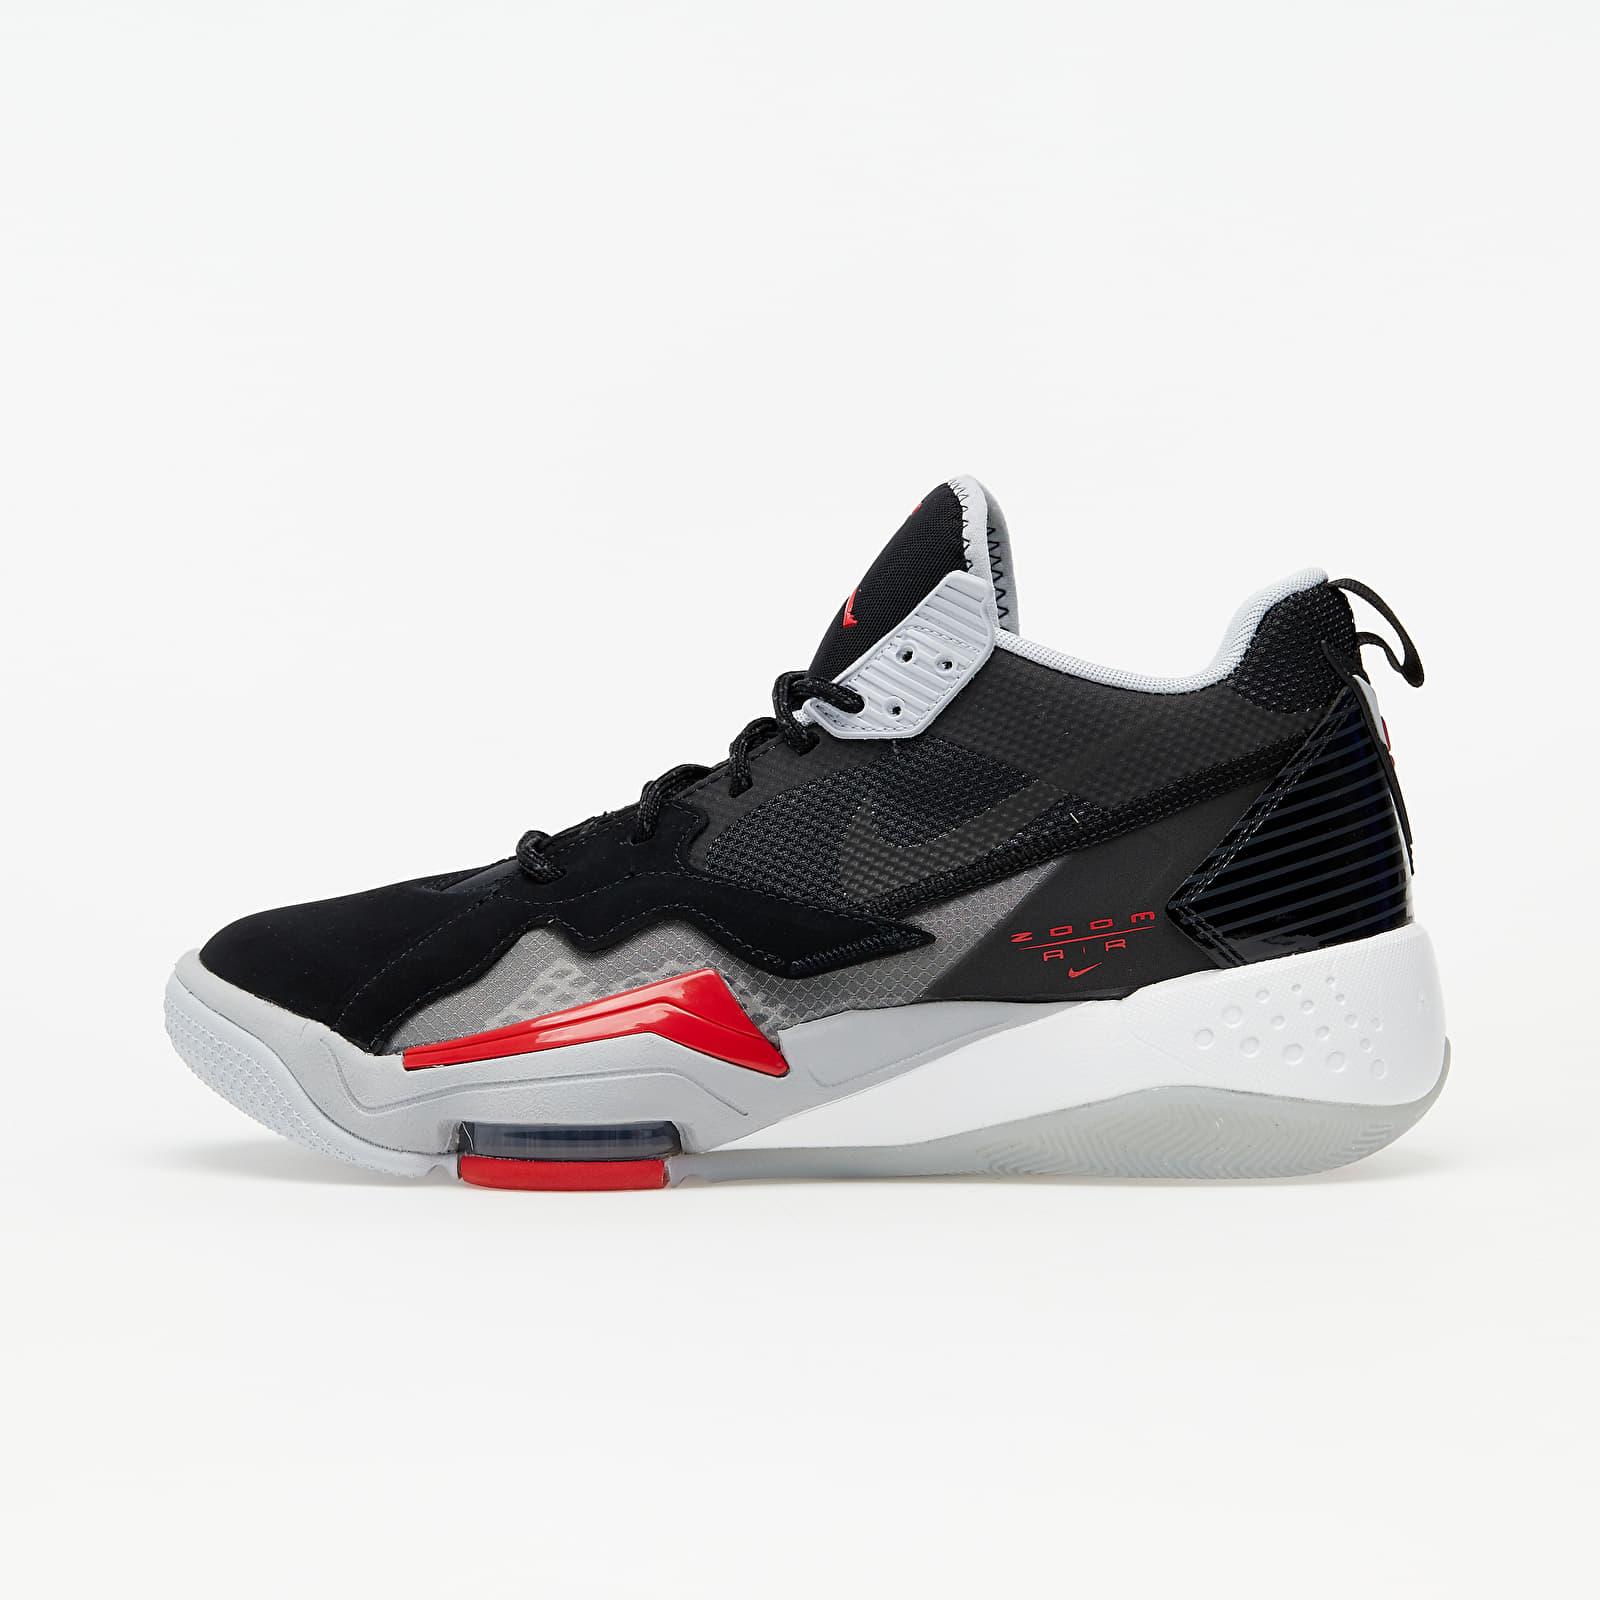 Pánské tenisky a boty Jordan Zoom '92 Black/ University Red-Anthracite-Sky Grey